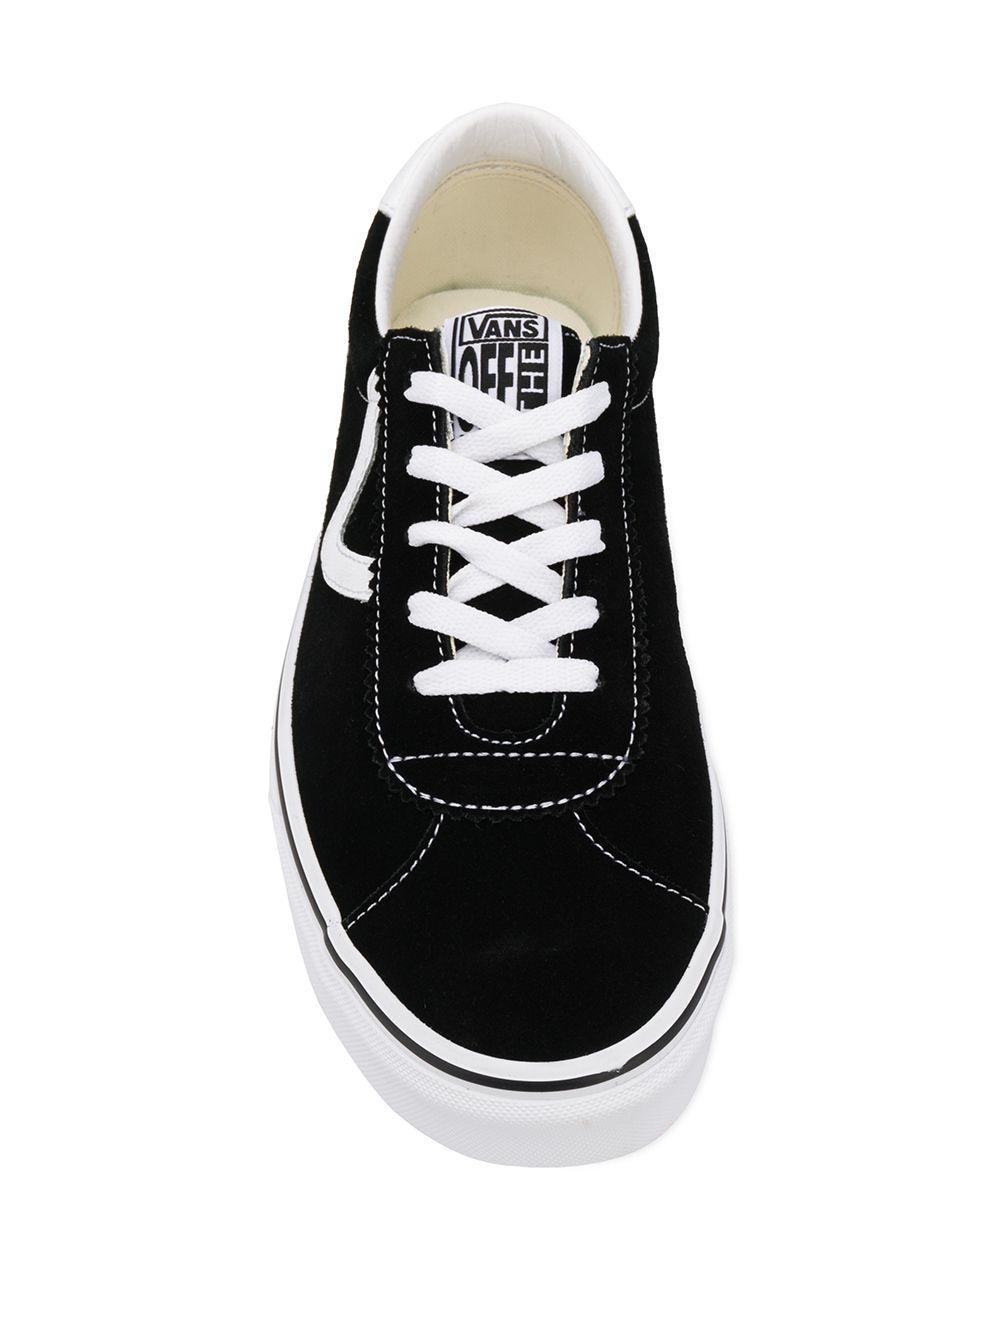 Vans Katoen Low-top Vetersneakers in het Zwart voor heren